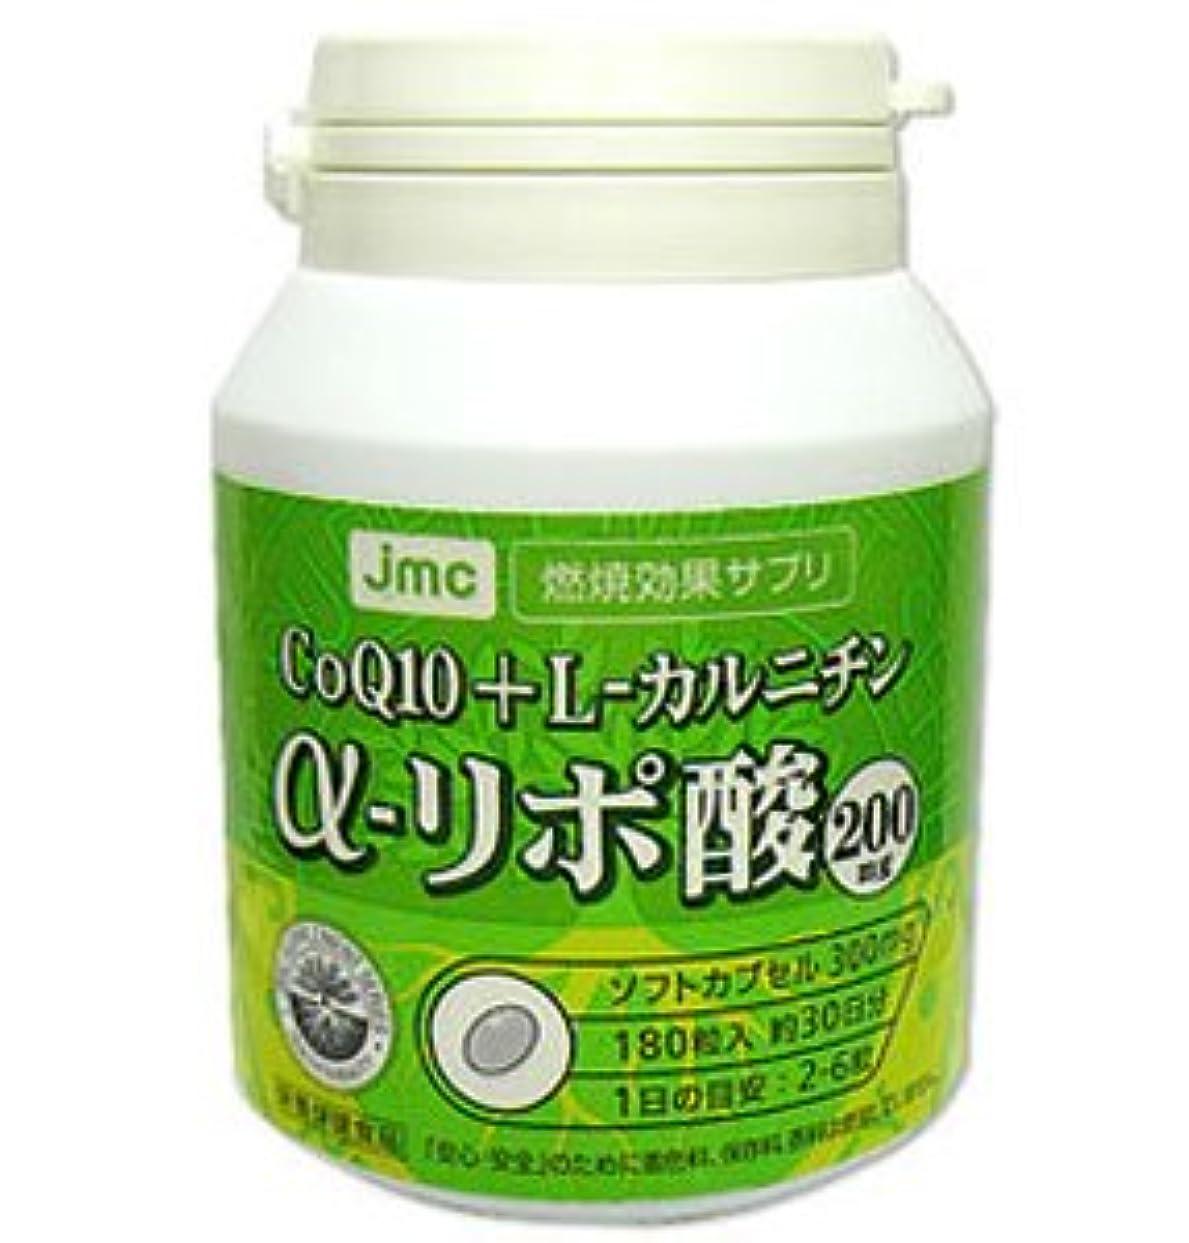 私の蒸発正確なα-リポ酸200mg(αリポ酸、COQ10、L-カルニチン、共役リノール酸配合ダイエットサプリ)